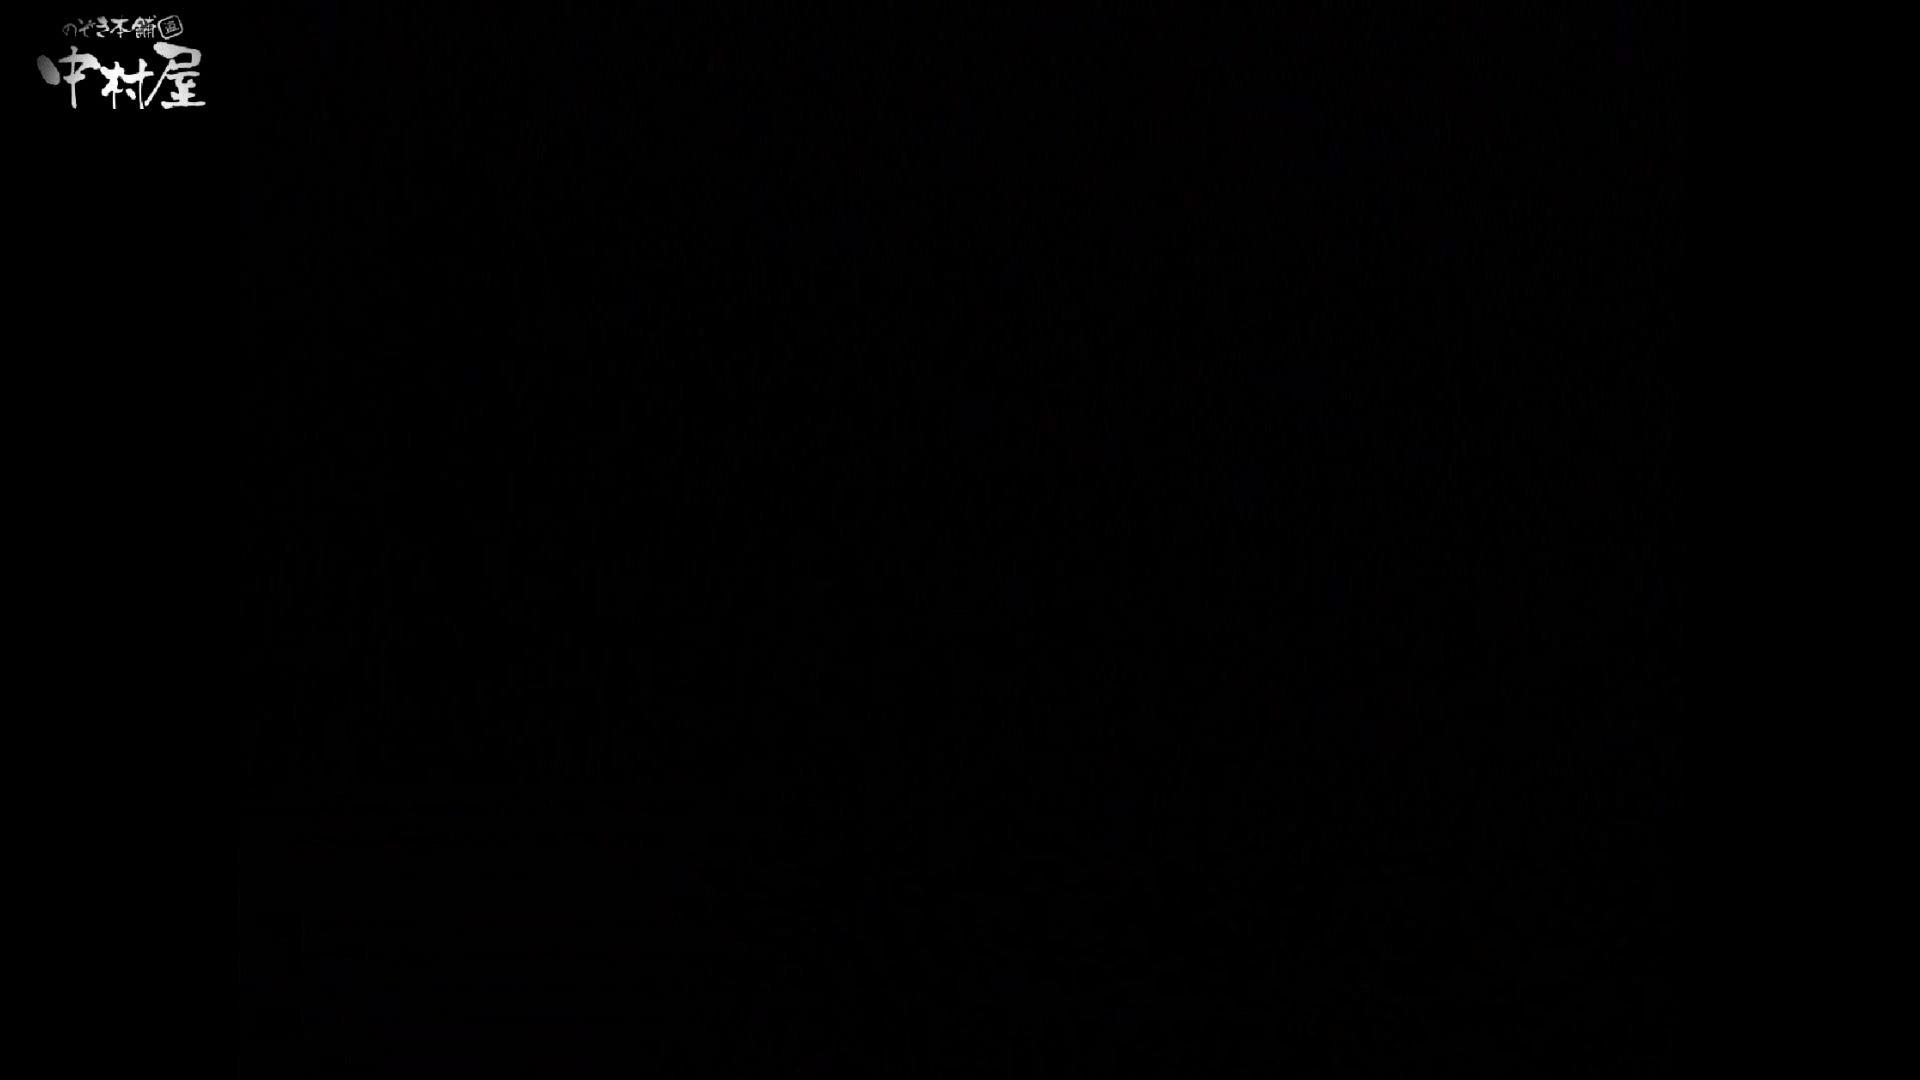 民家風呂専門盗撮師の超危険映像 vol.018 民家で・・ おめこ無修正画像 9枚 9